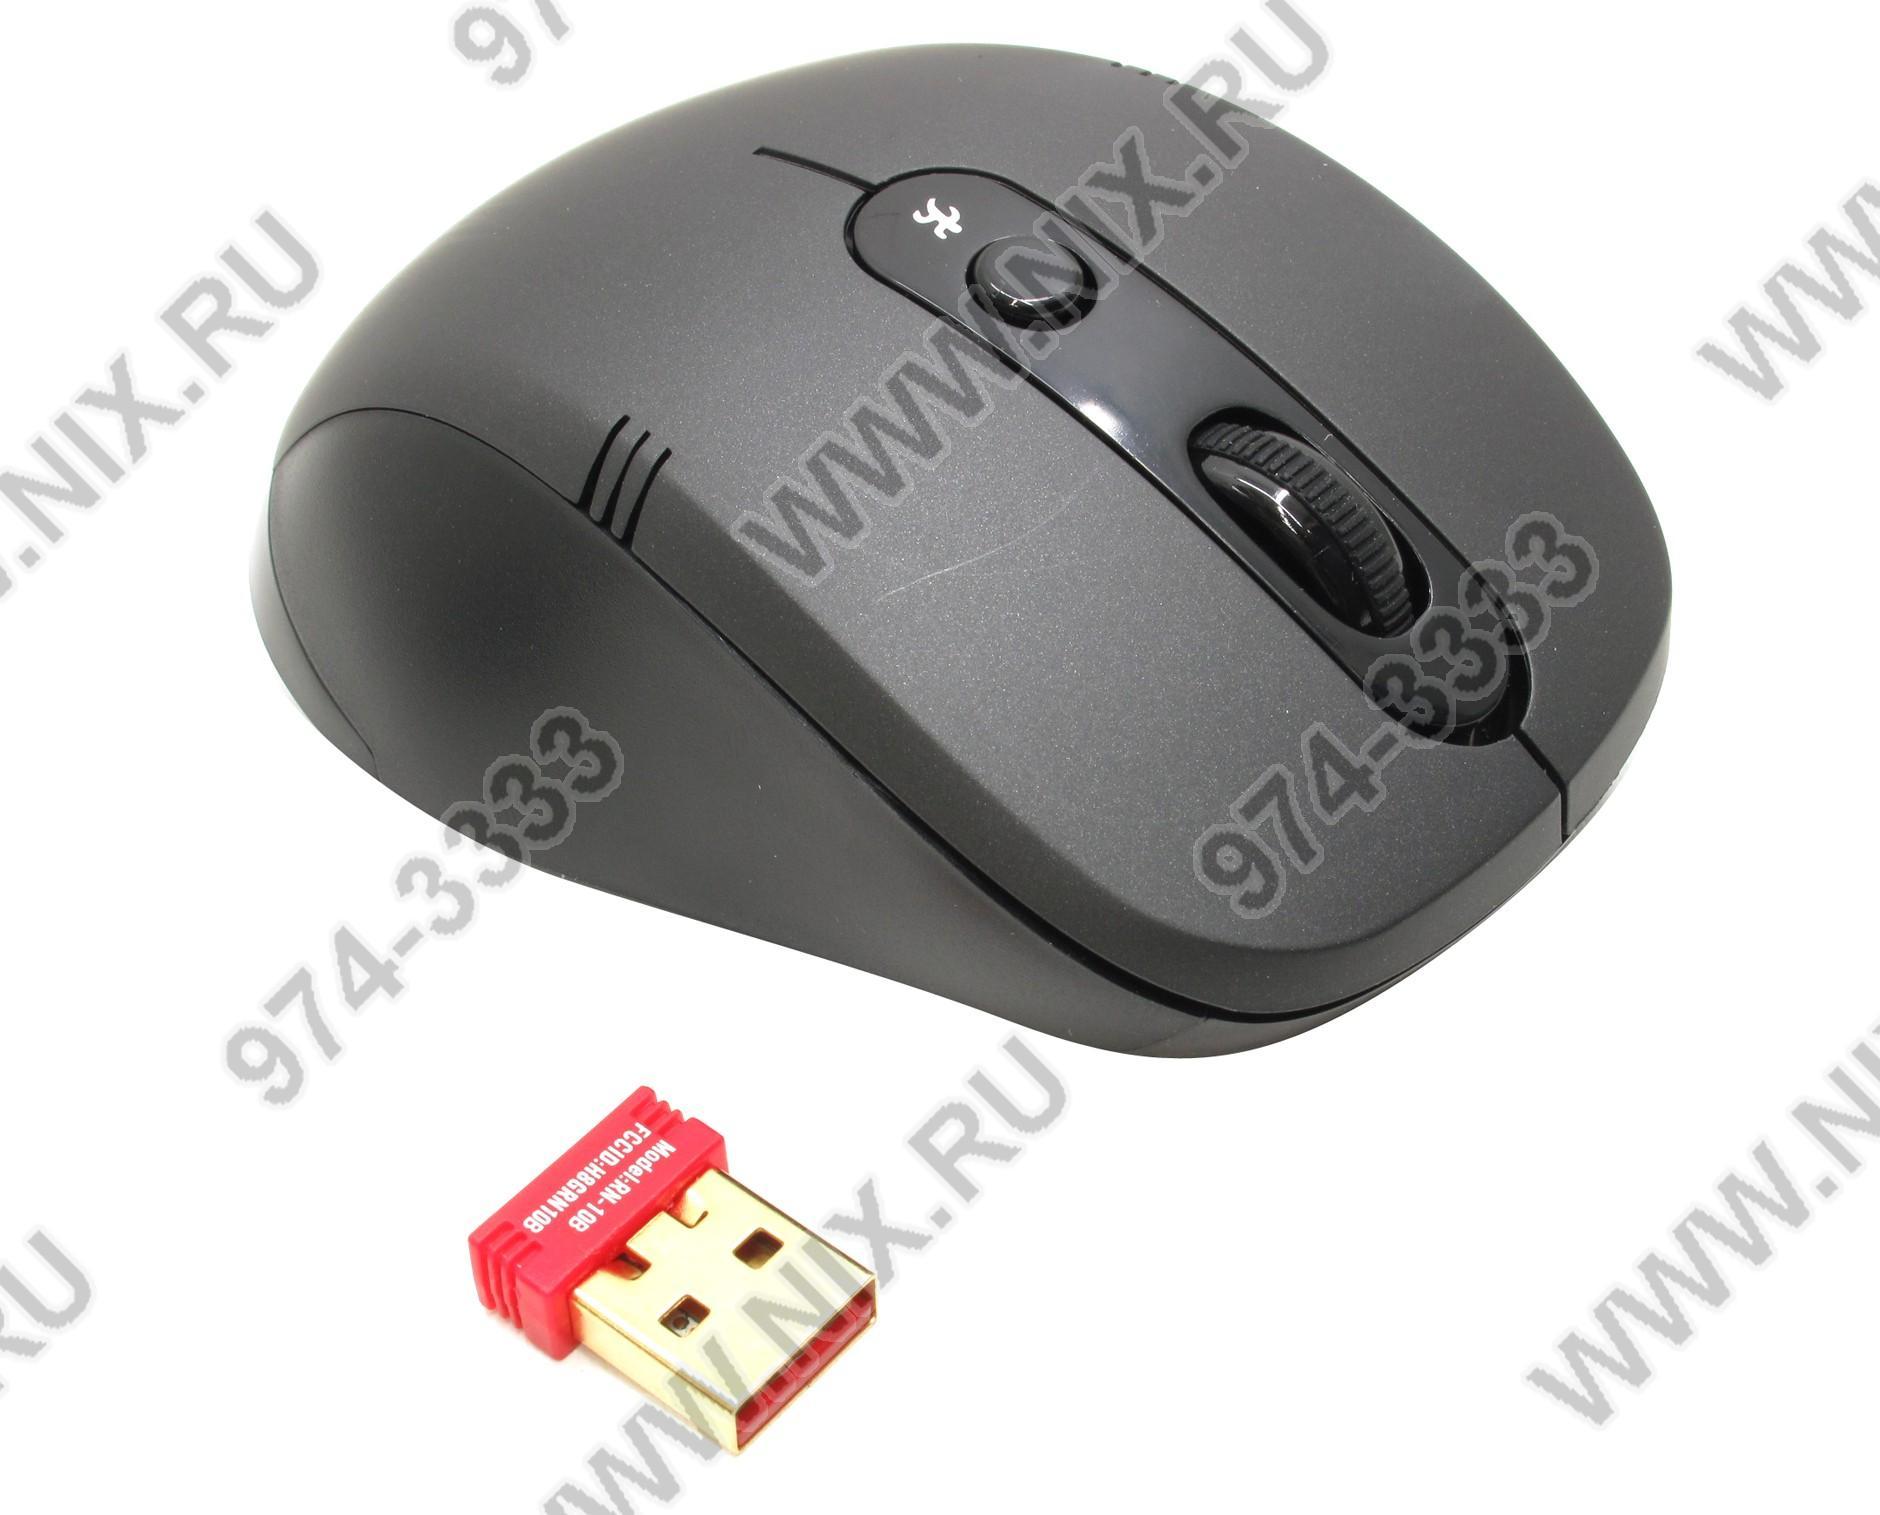 Почему не кликает мышка с первого раза